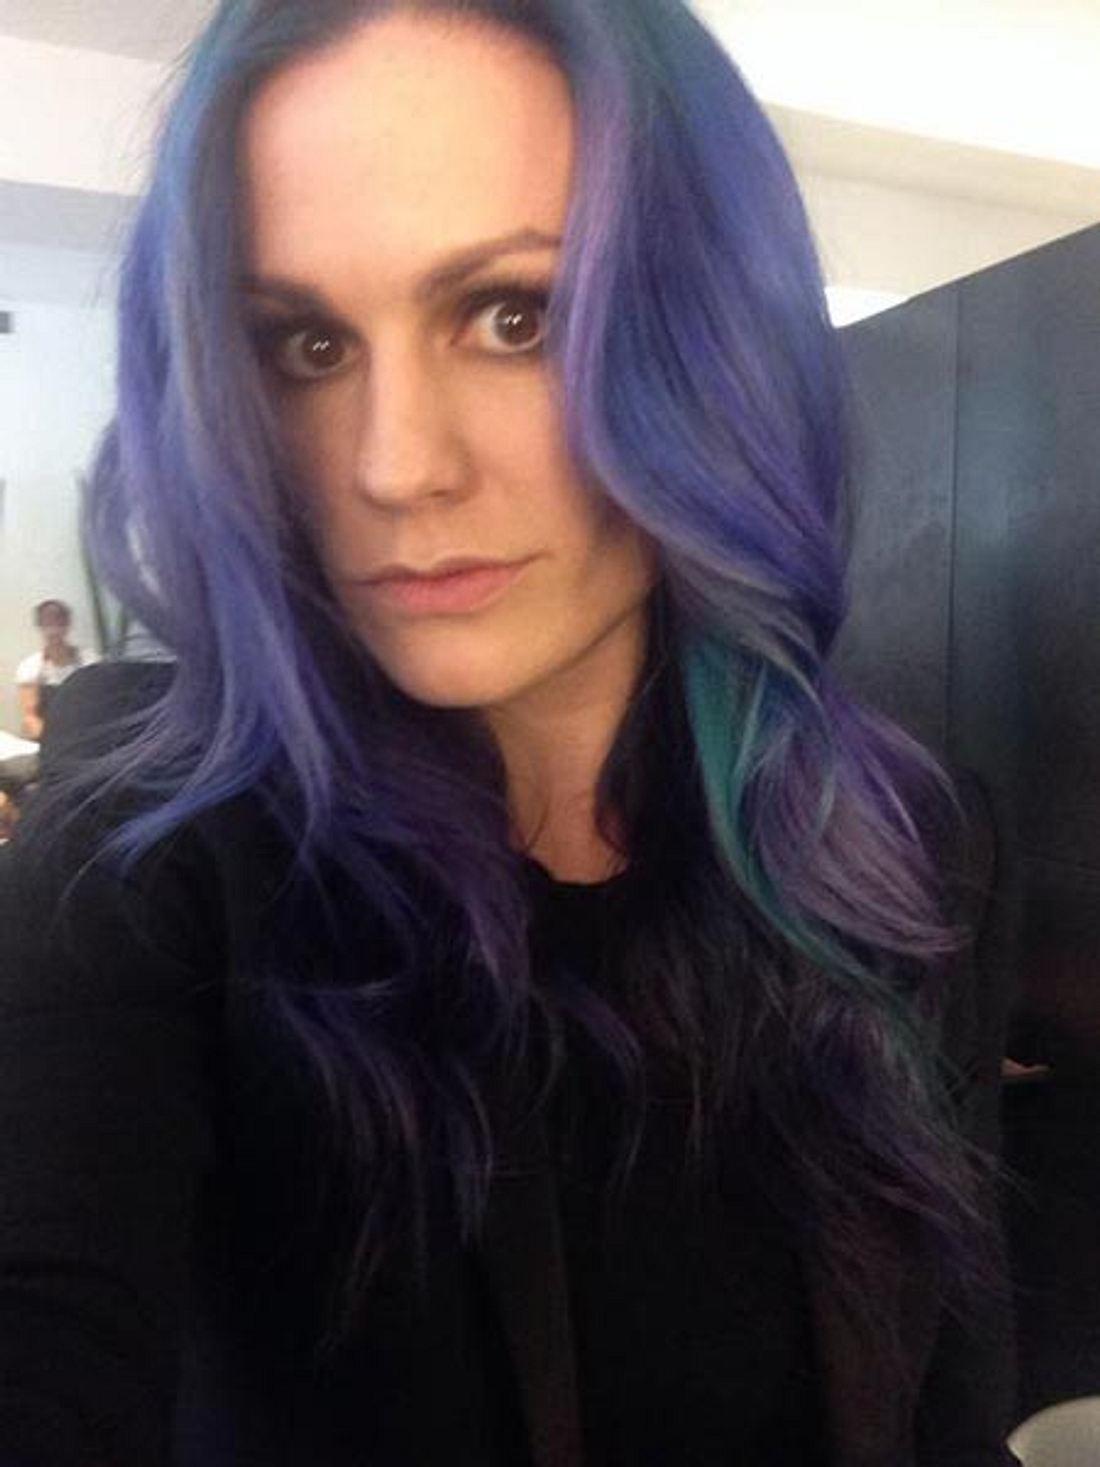 Anna Paquin hat blaue Haare